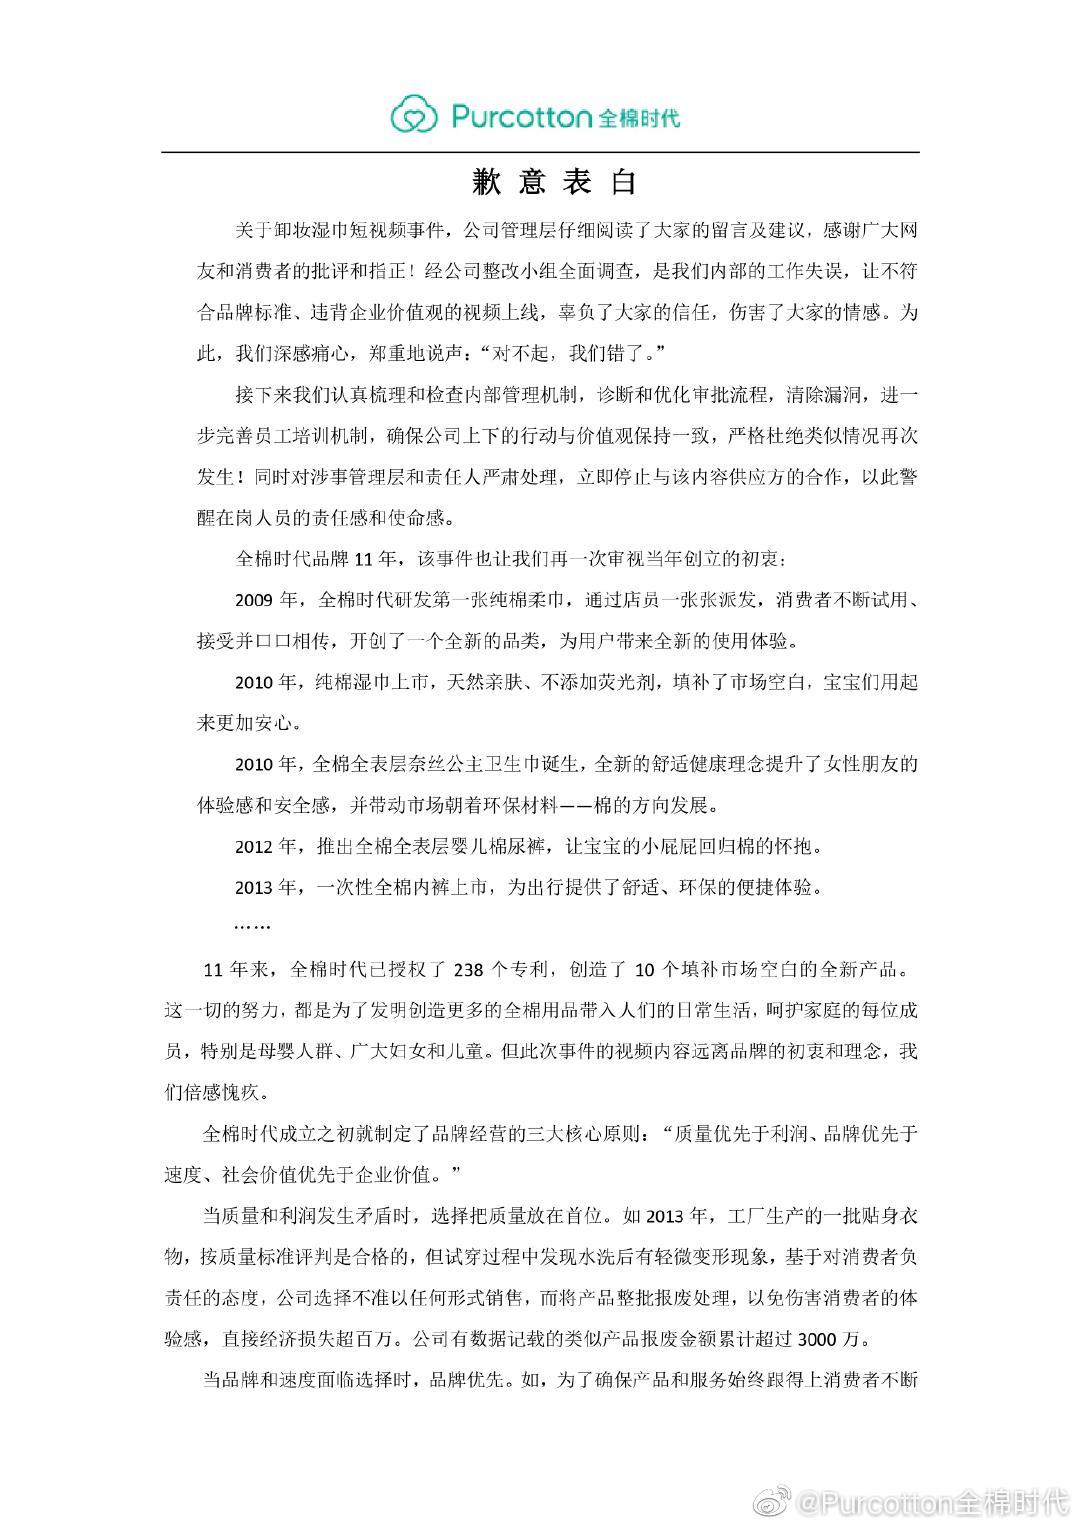 来源:全棉时代官方微博